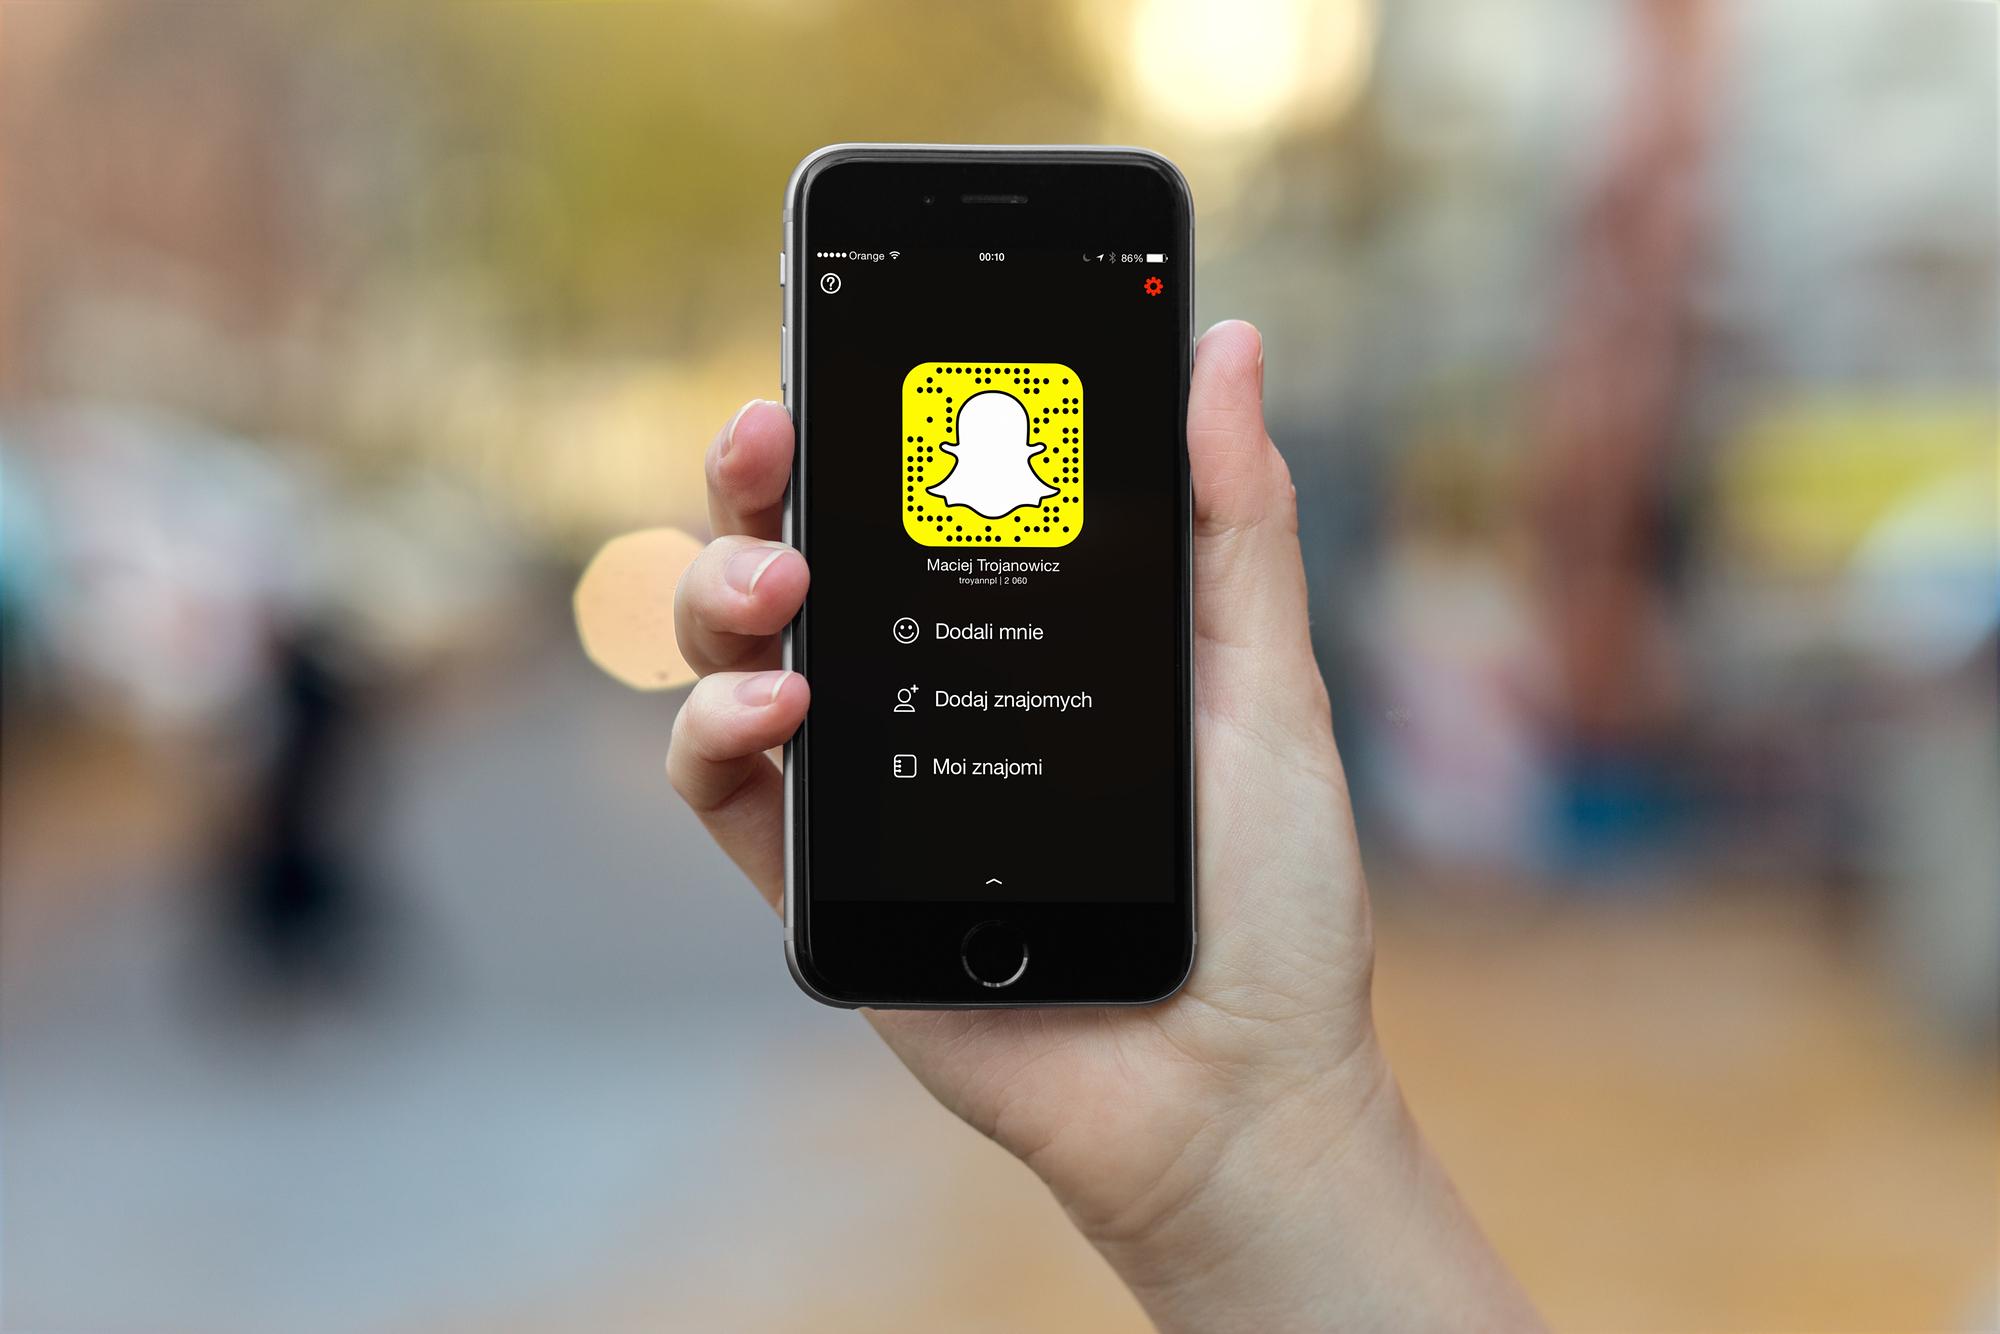 Trzy kroki do zrozumienia Snapchata